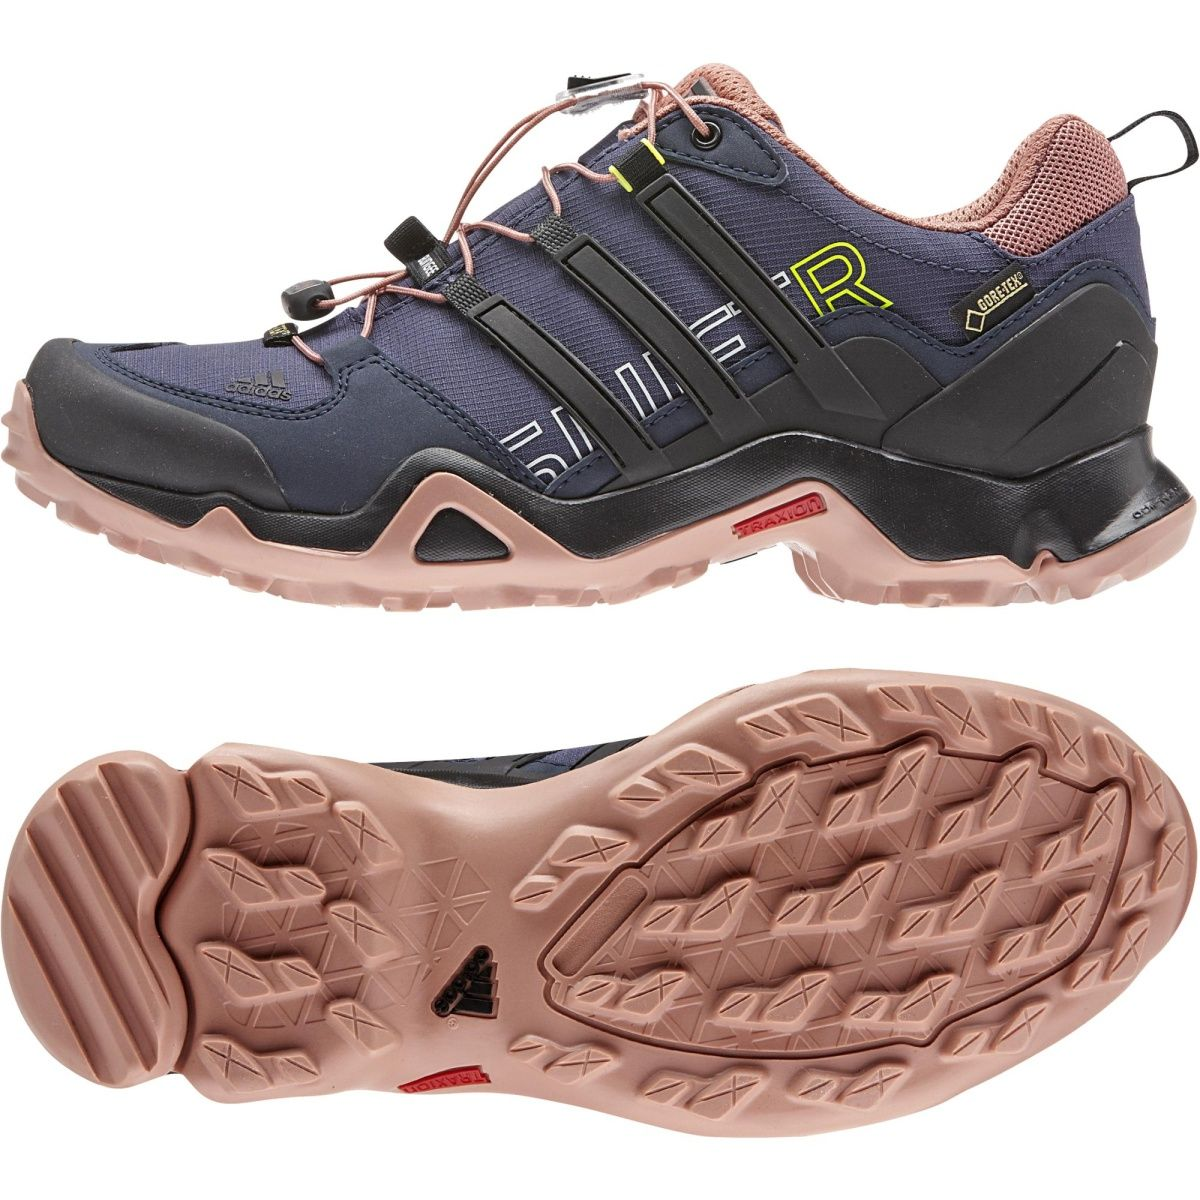 Dámská obuv adidas Terrex Swift R Gtx W - Glami.cz  5aa1c7f056